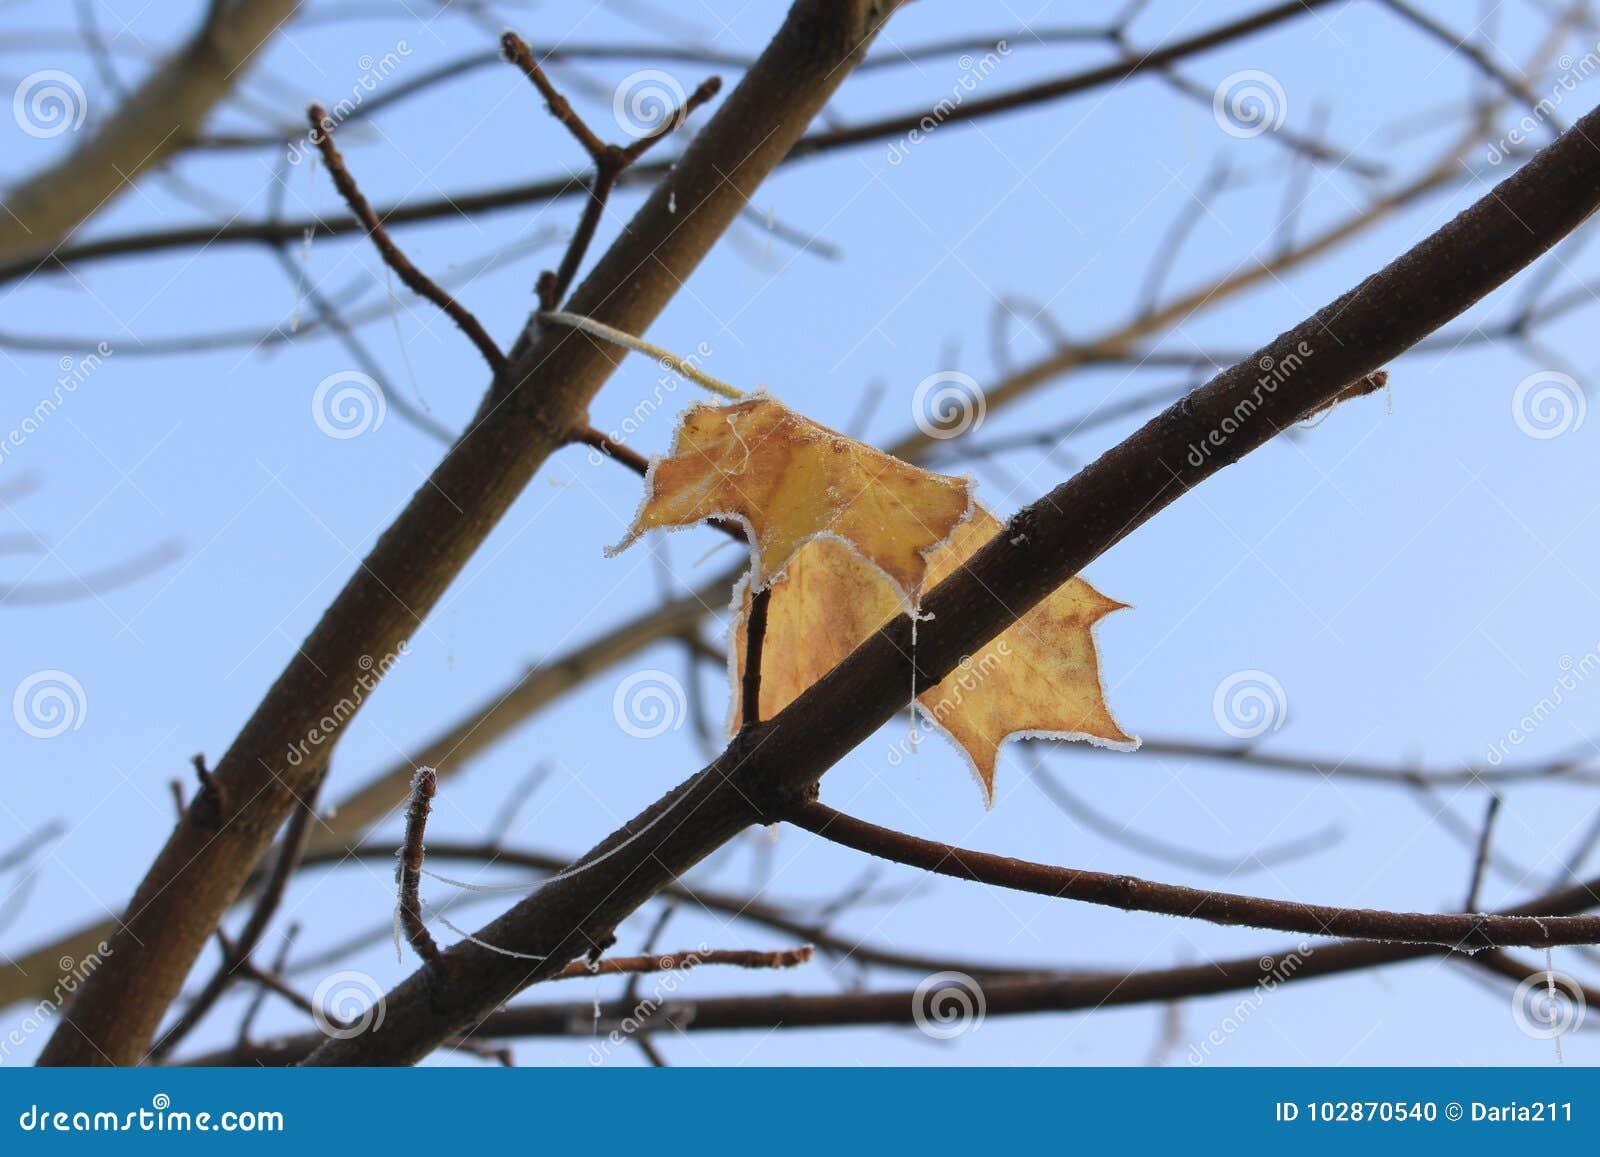 Last frozen leaf of maple tree